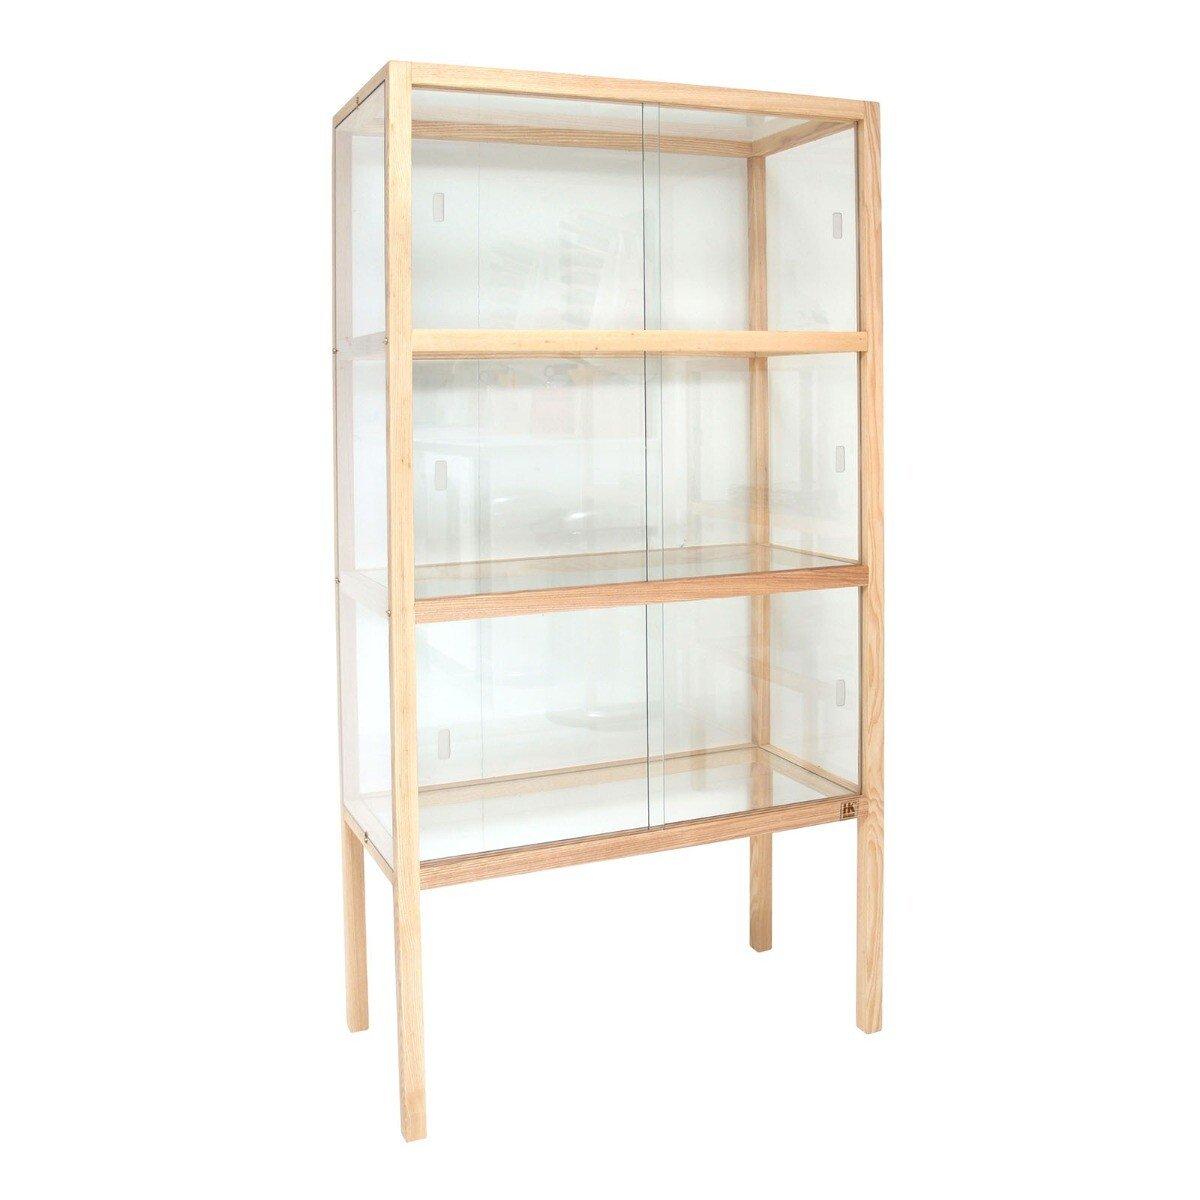 HKliving vitrinekast glas hout 148 x 75 x 36